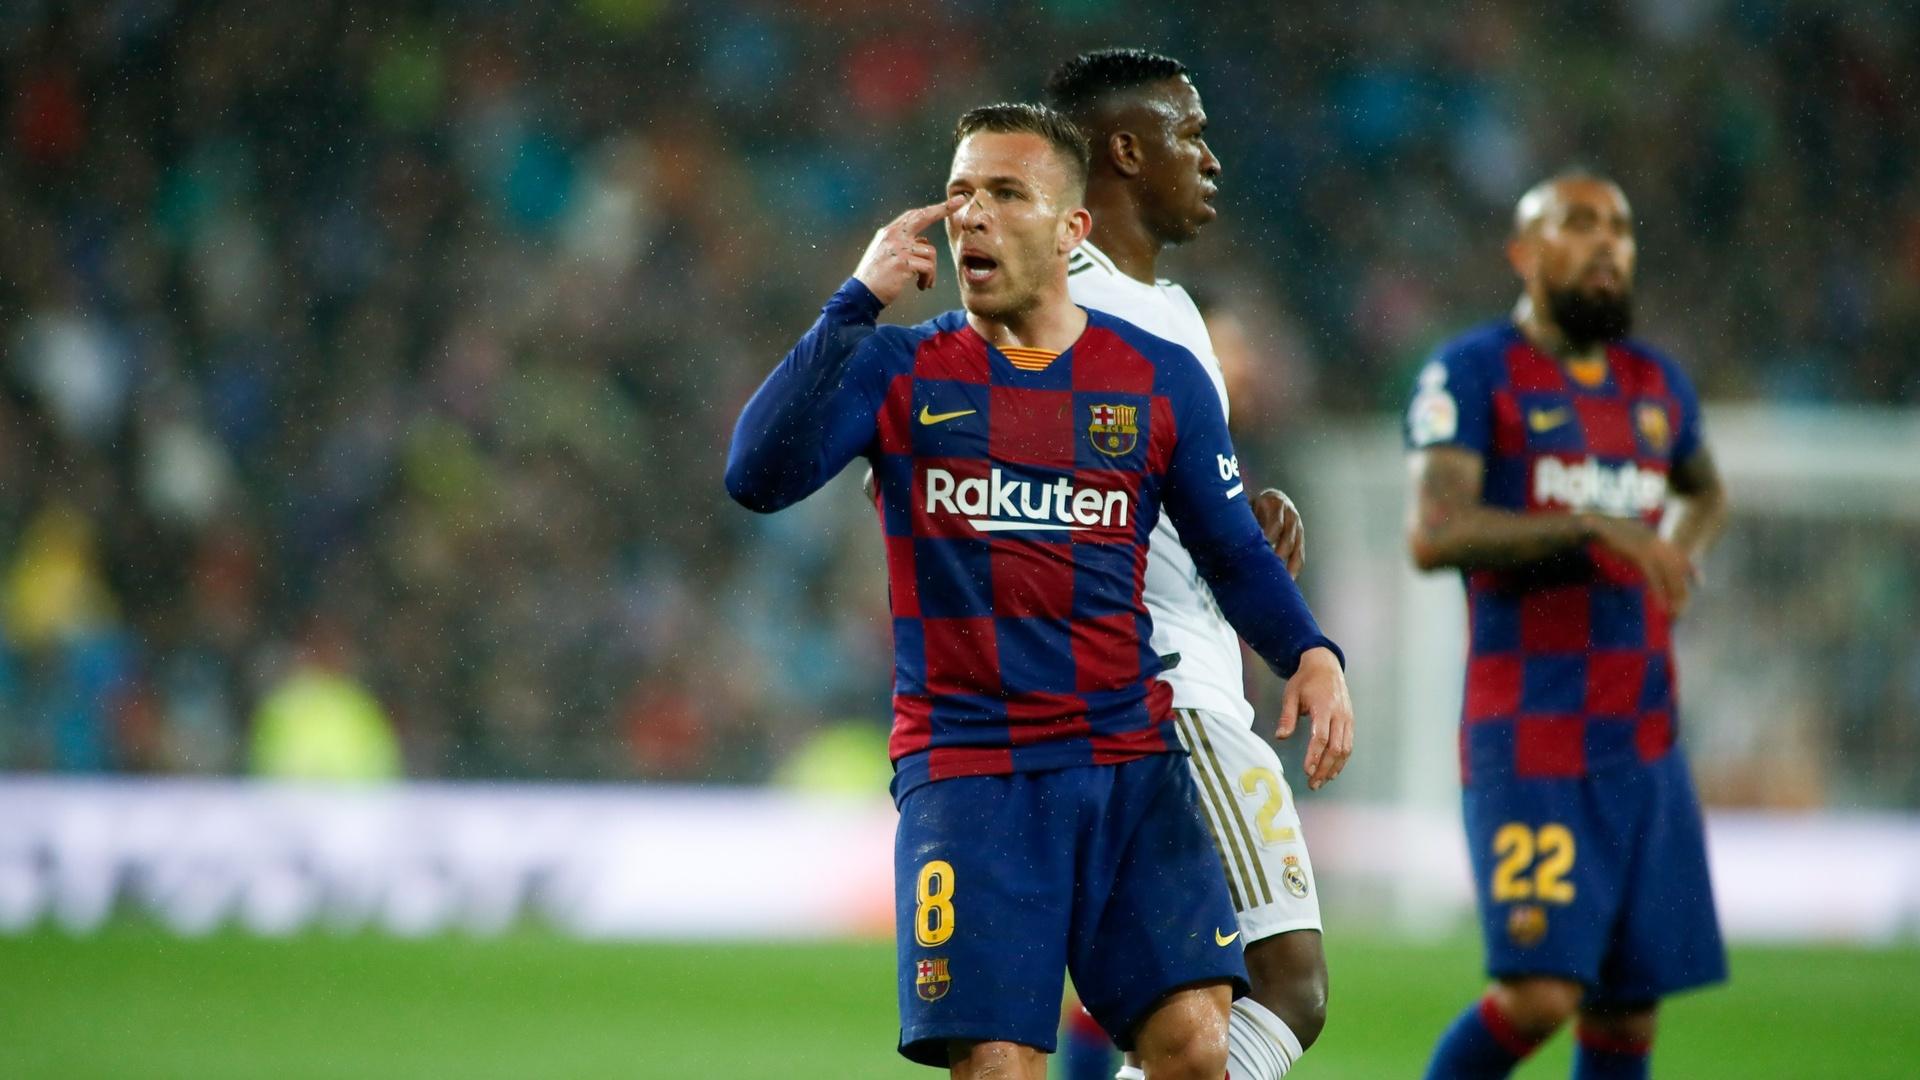 في ليلة سقوط فريقه.. نجم برشلونة يثير الجدل بلقطة على مدرجات